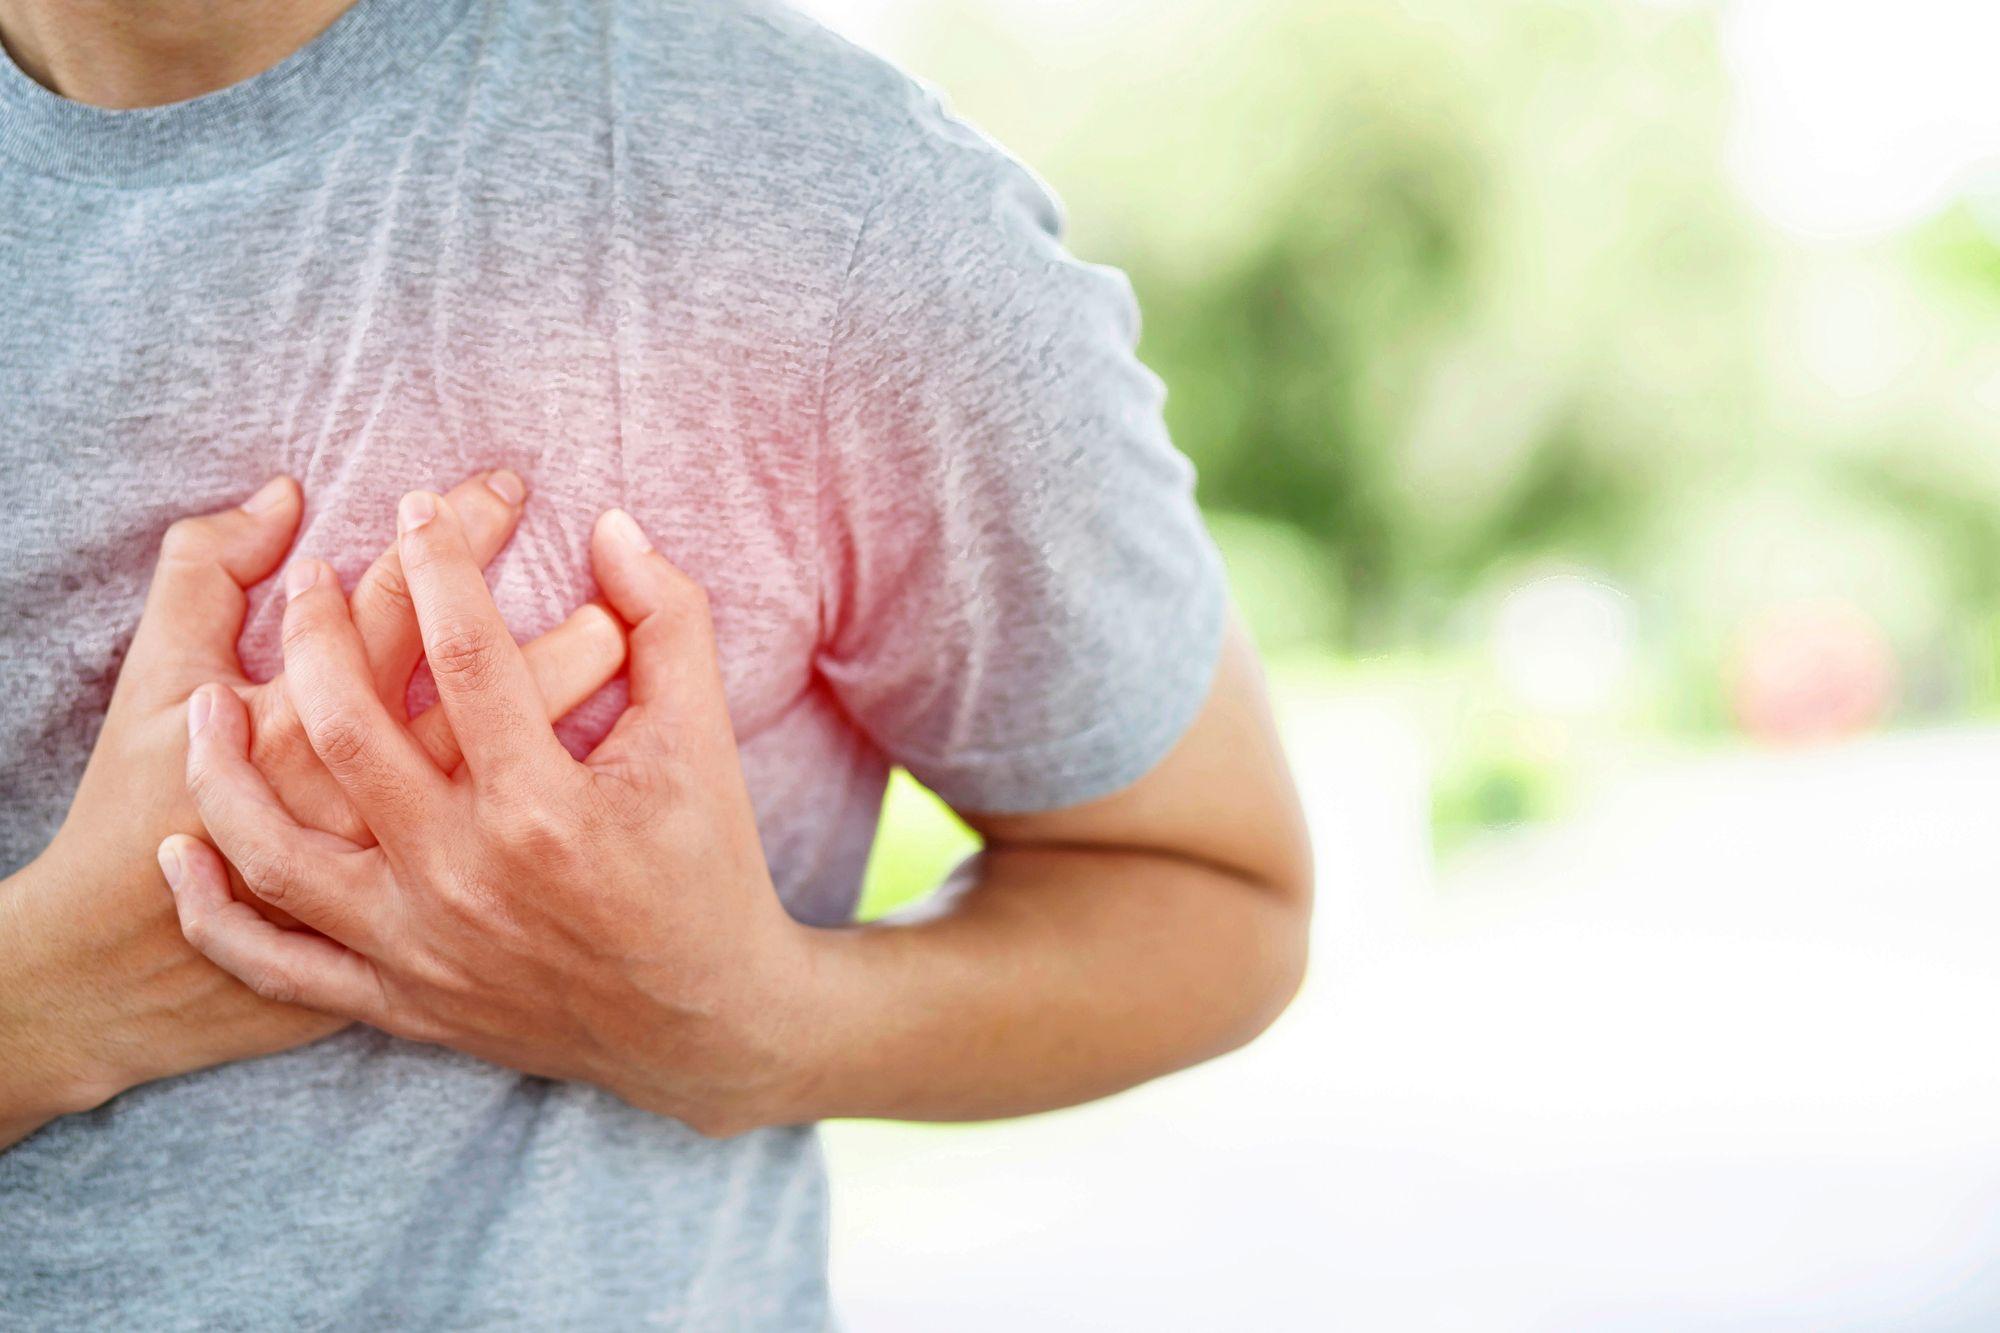 """""""Jos närästysoireilu, rintalastalla tuntuva polttelu, yskiminen tai nielemisvaikeudet jatkuvat, on syytä hakeutua jatkotutkimuksiin."""" © istock"""